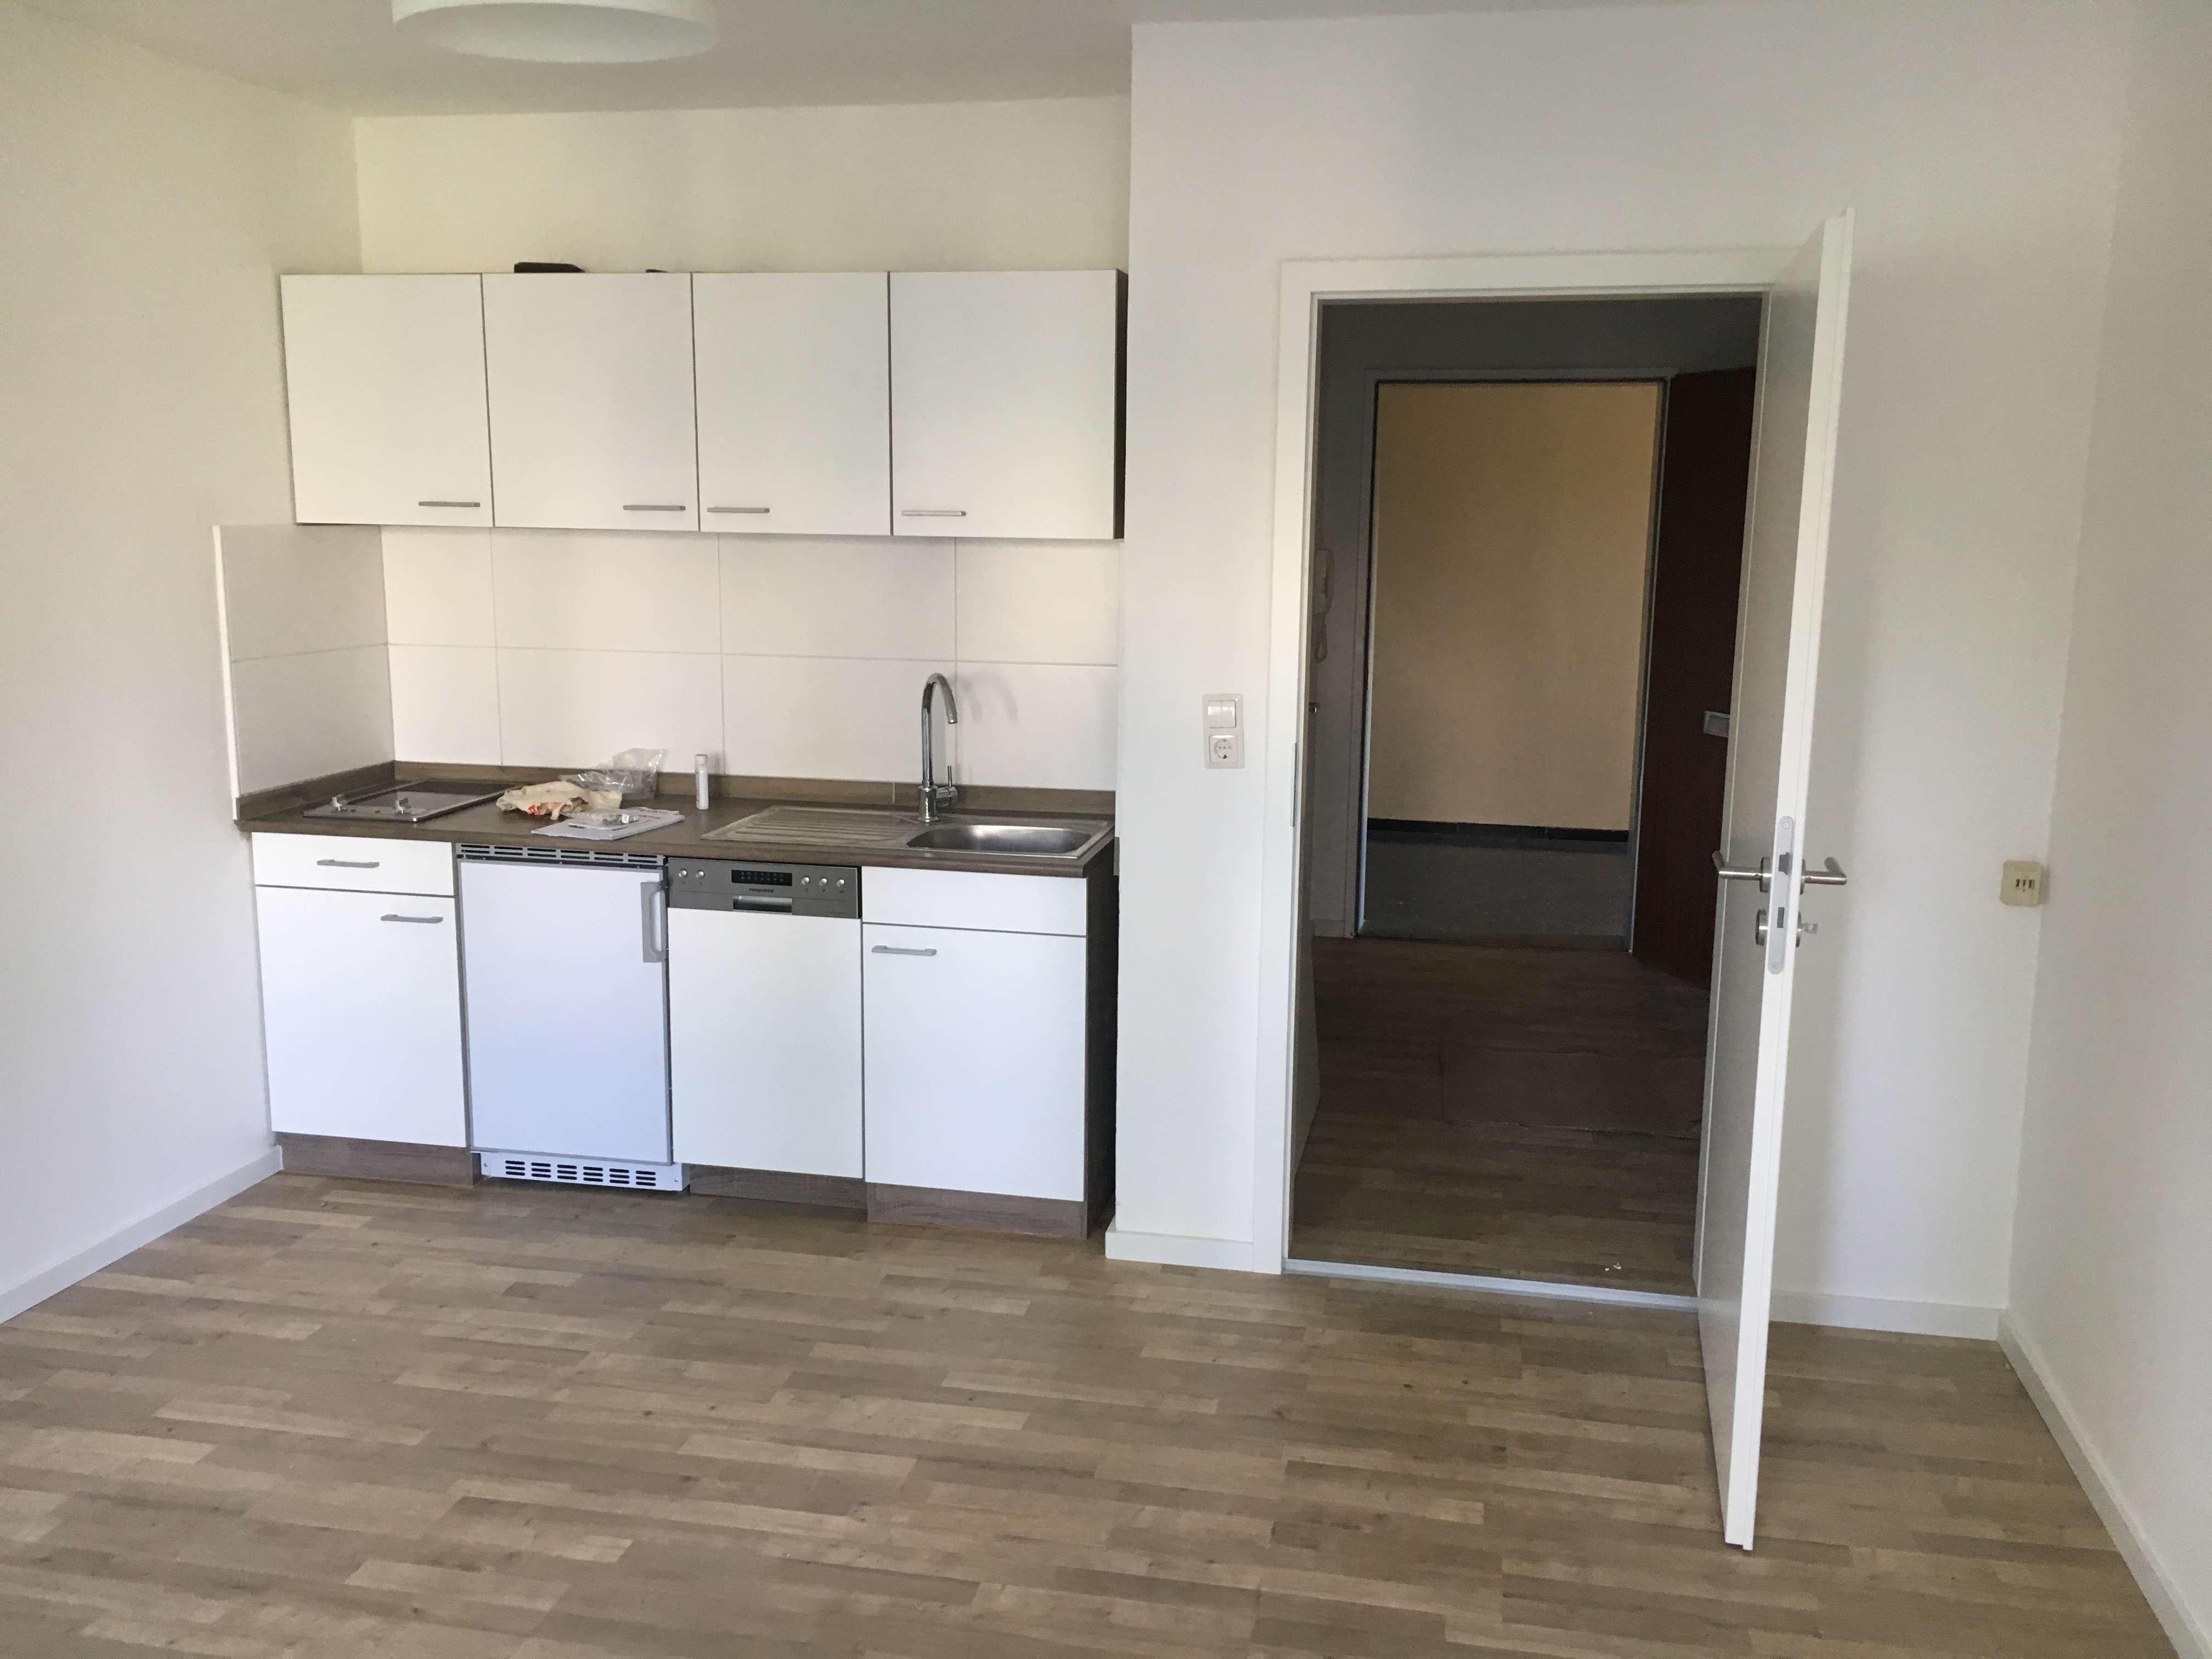 Stilvolle, neuwertige 1-Zimmer-Wohnung mit Balkon und Einbauküche in Regensburger Bestlage in Westenviertel (Regensburg)